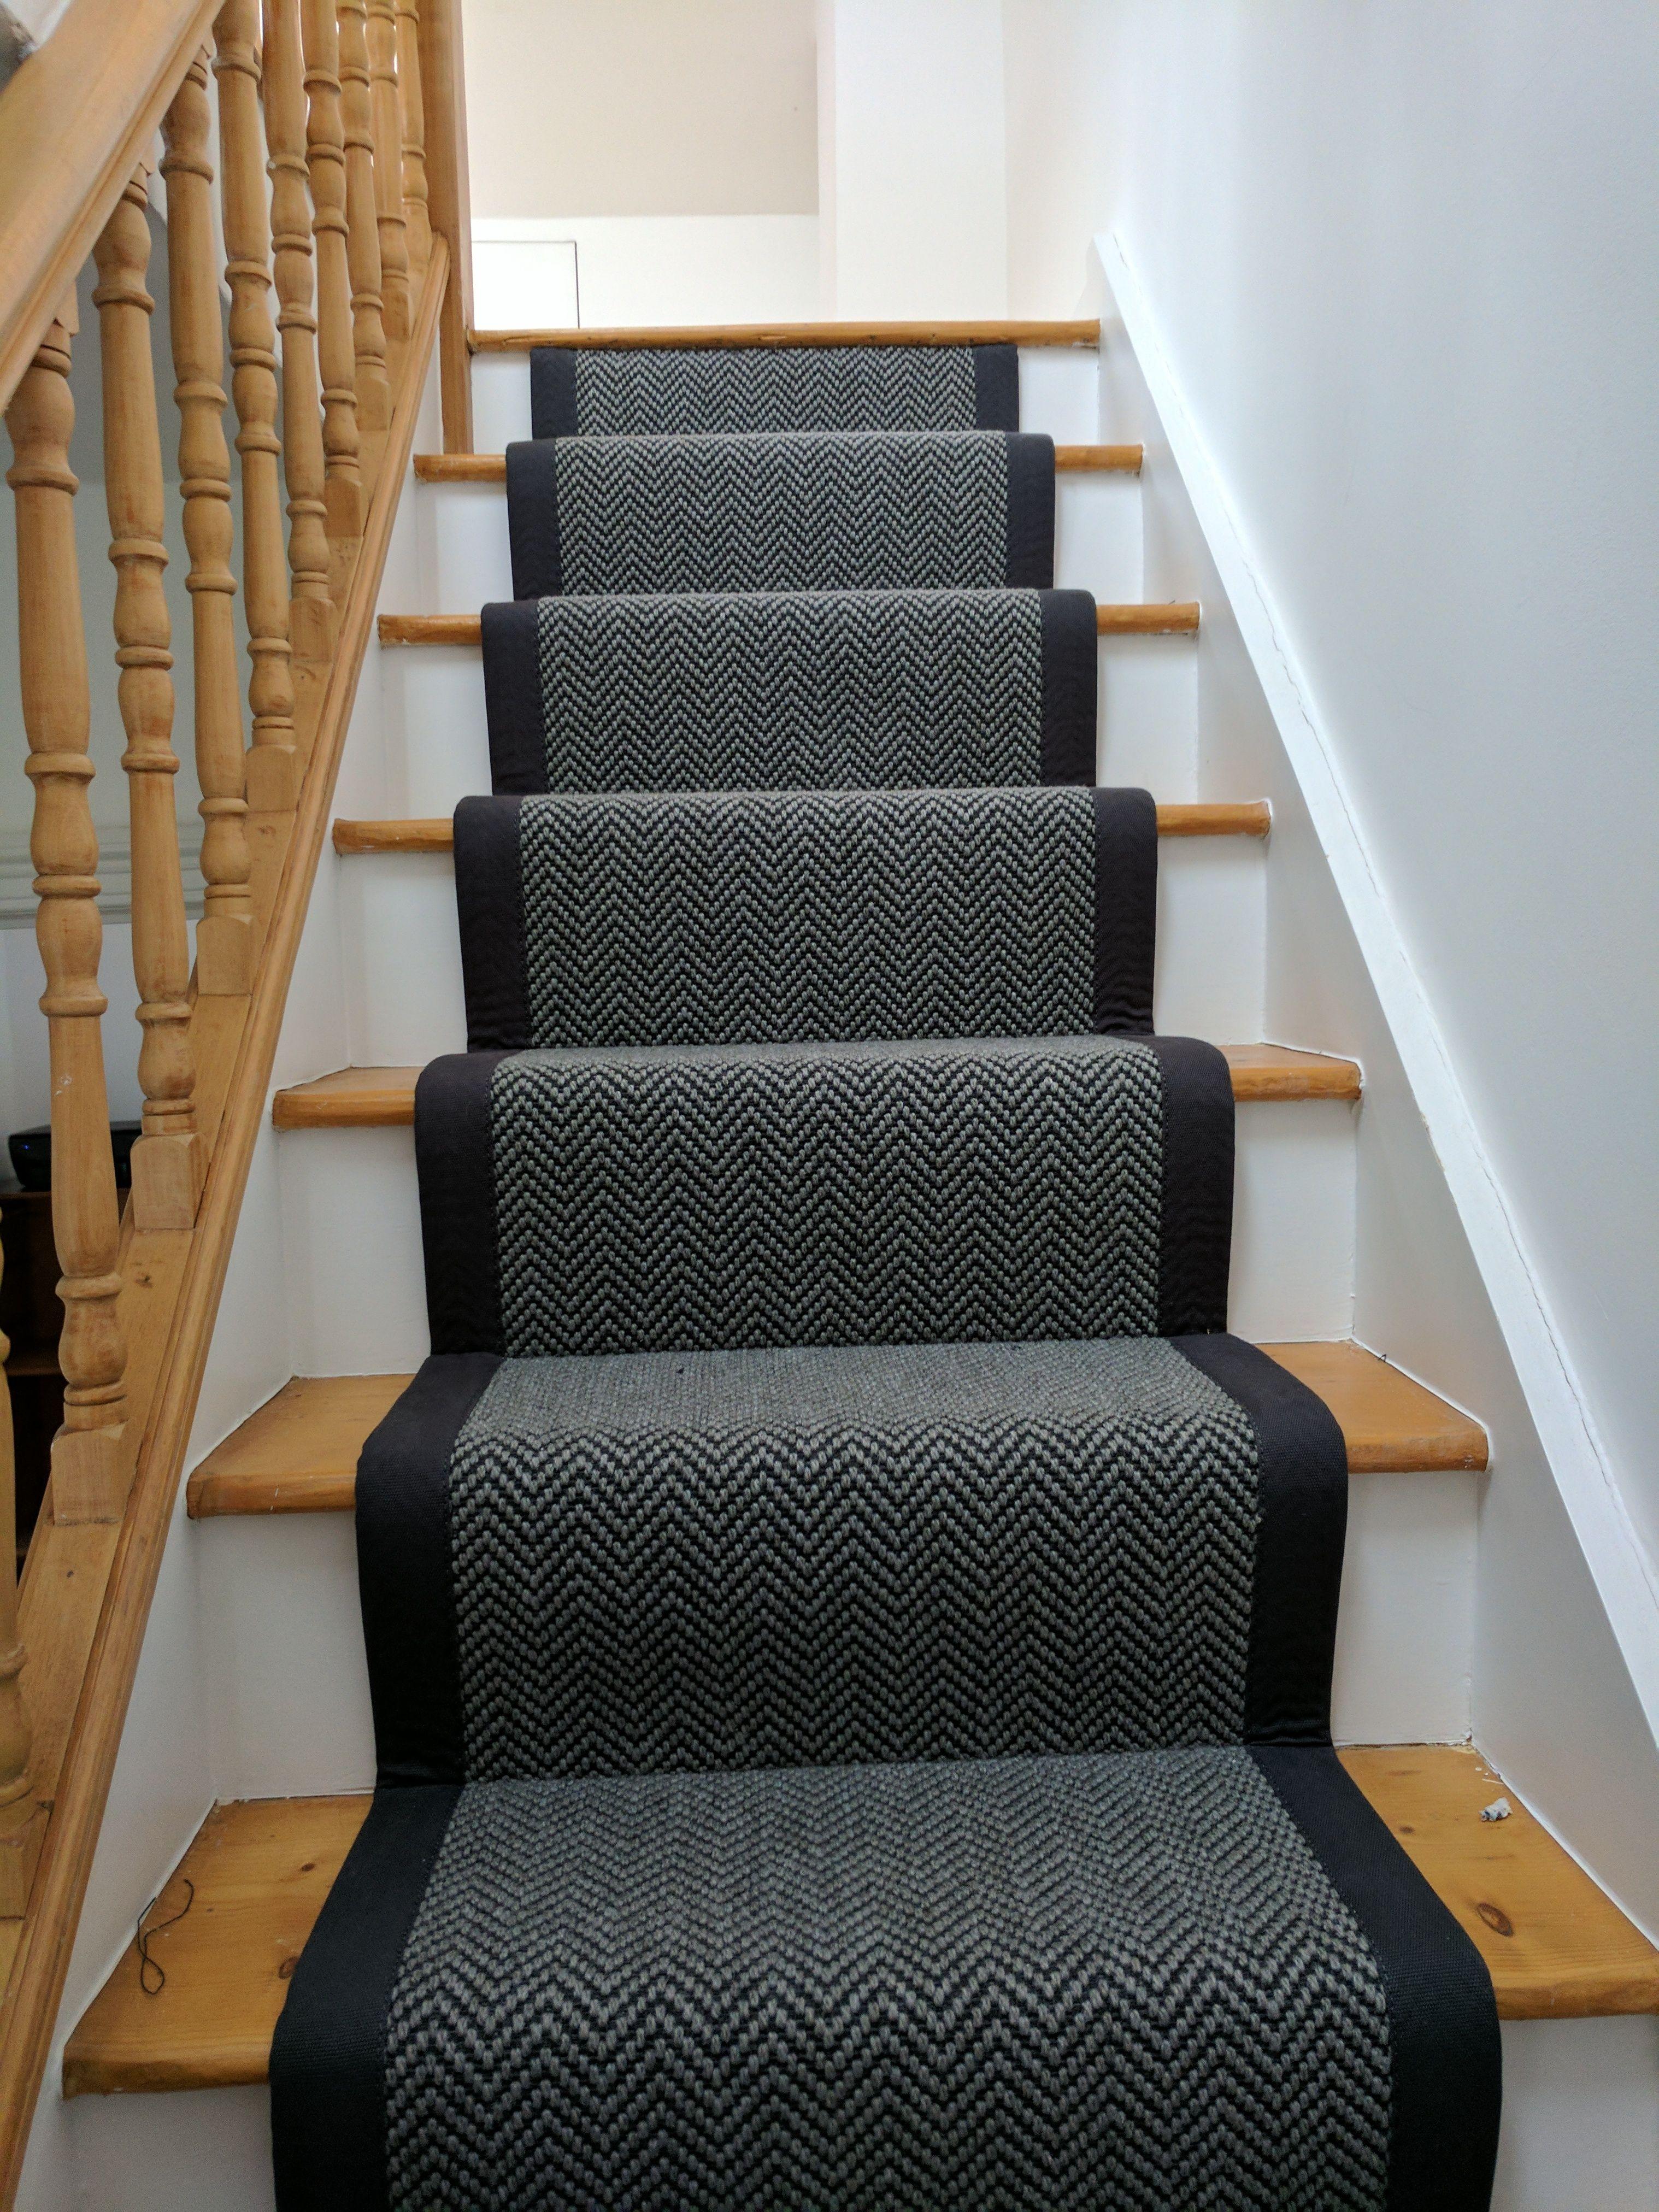 Black Grey Herringbone Stair Runner With Black Binding By B R